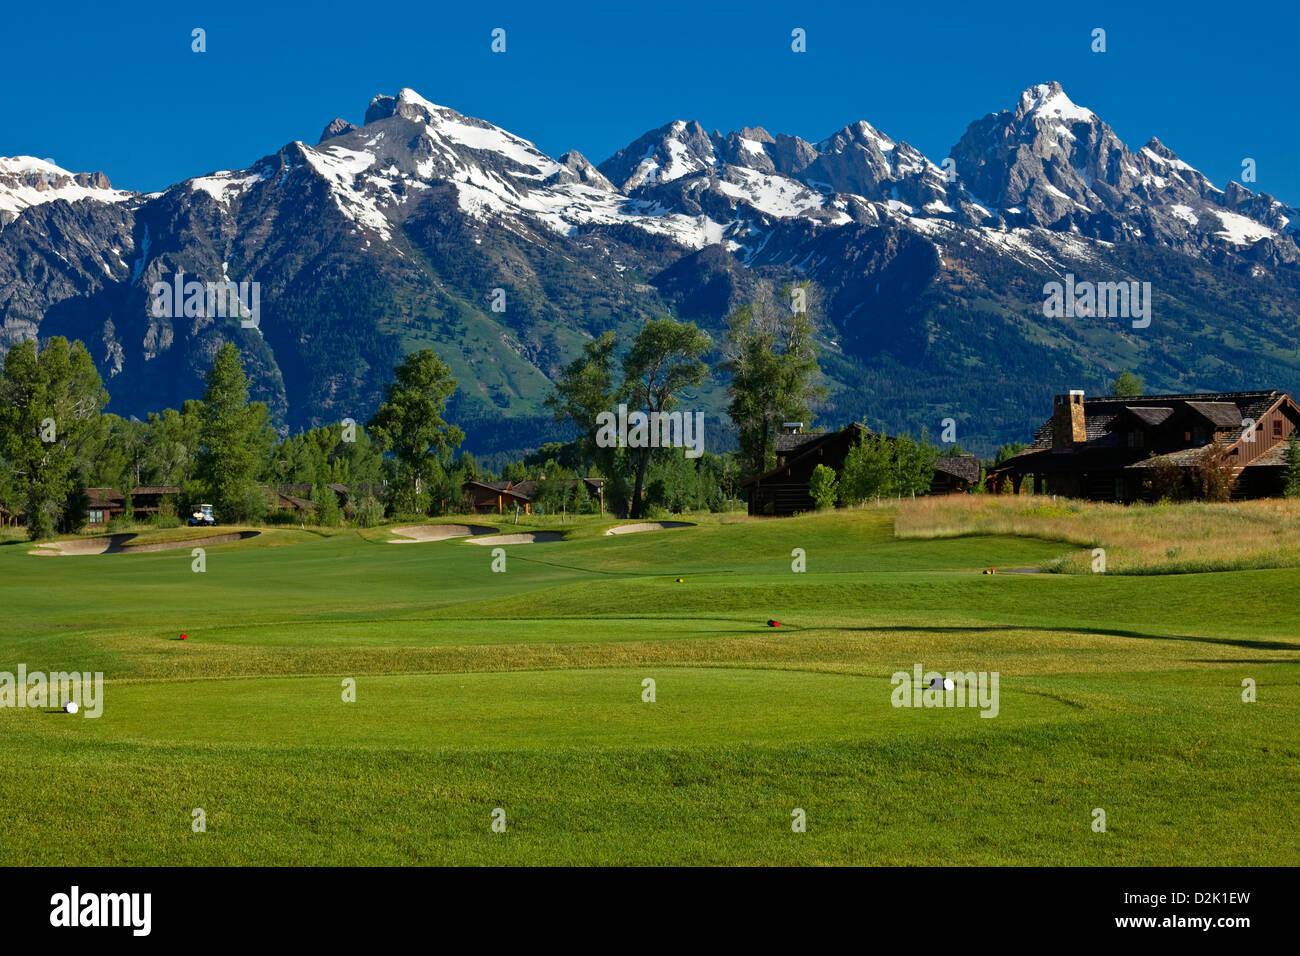 WY00226-00...Wyoming - La Cordillera Teton en el fondo del Pozo de Jackson de Golf y Club de Tenis. Imagen De Stock